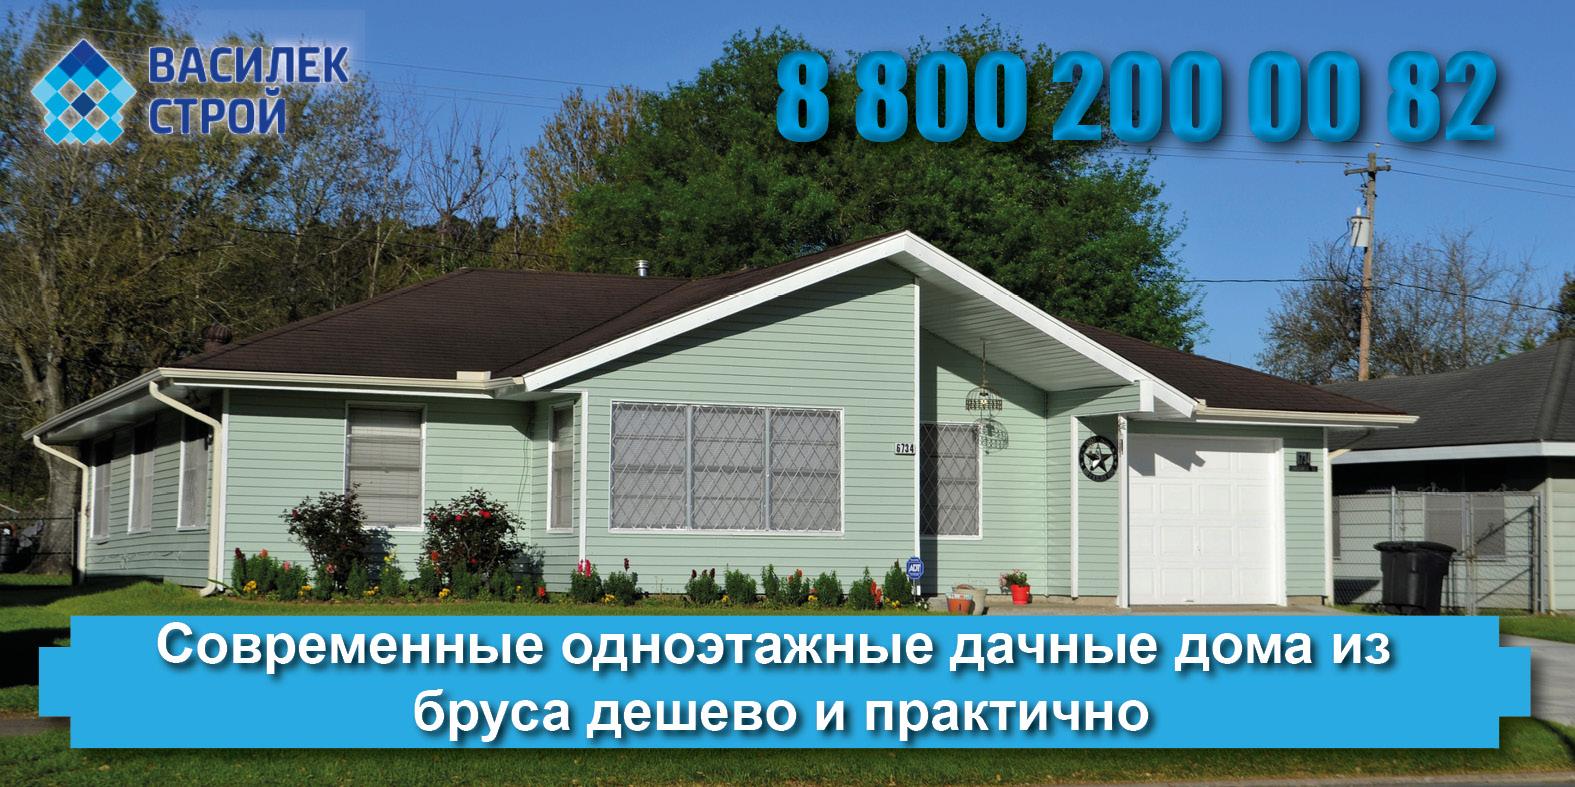 Строим дачные дома из бруса одноэтажные дешево: готовые проекты дачных домов эконом класса и дешевые дачные дома из бруса